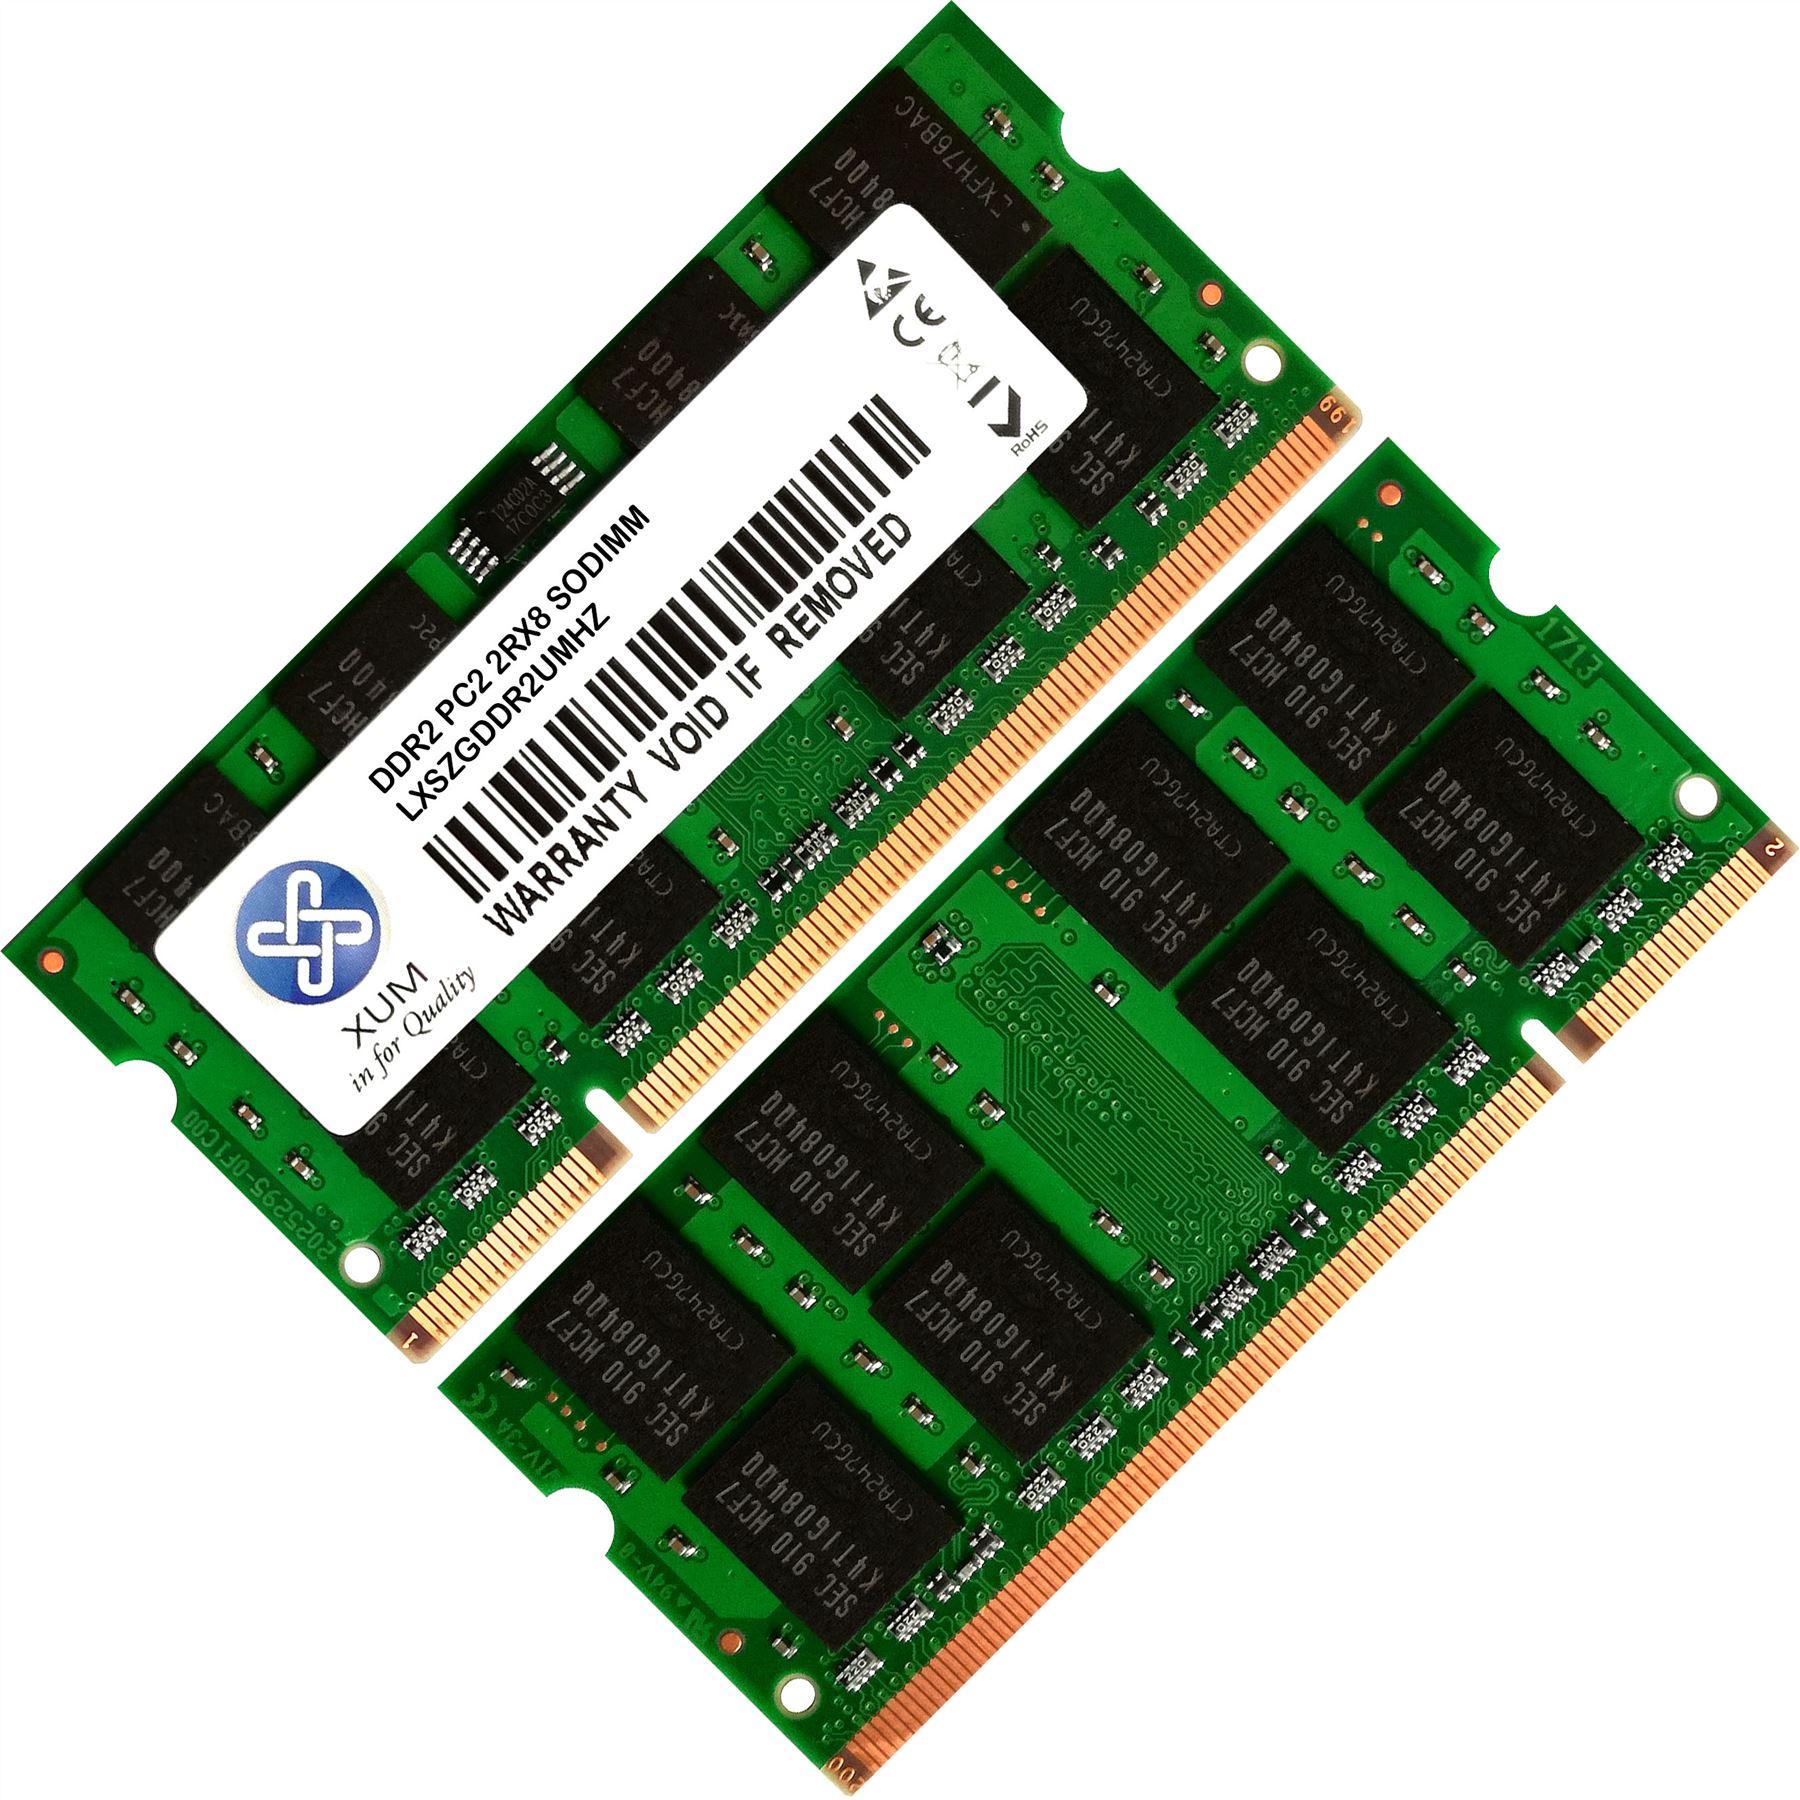 Memoria-Ram-4-Toshiba-Qosmio-Laptop-F30-176-F30-P540-F30-P540T-G30-102-2x-Lot